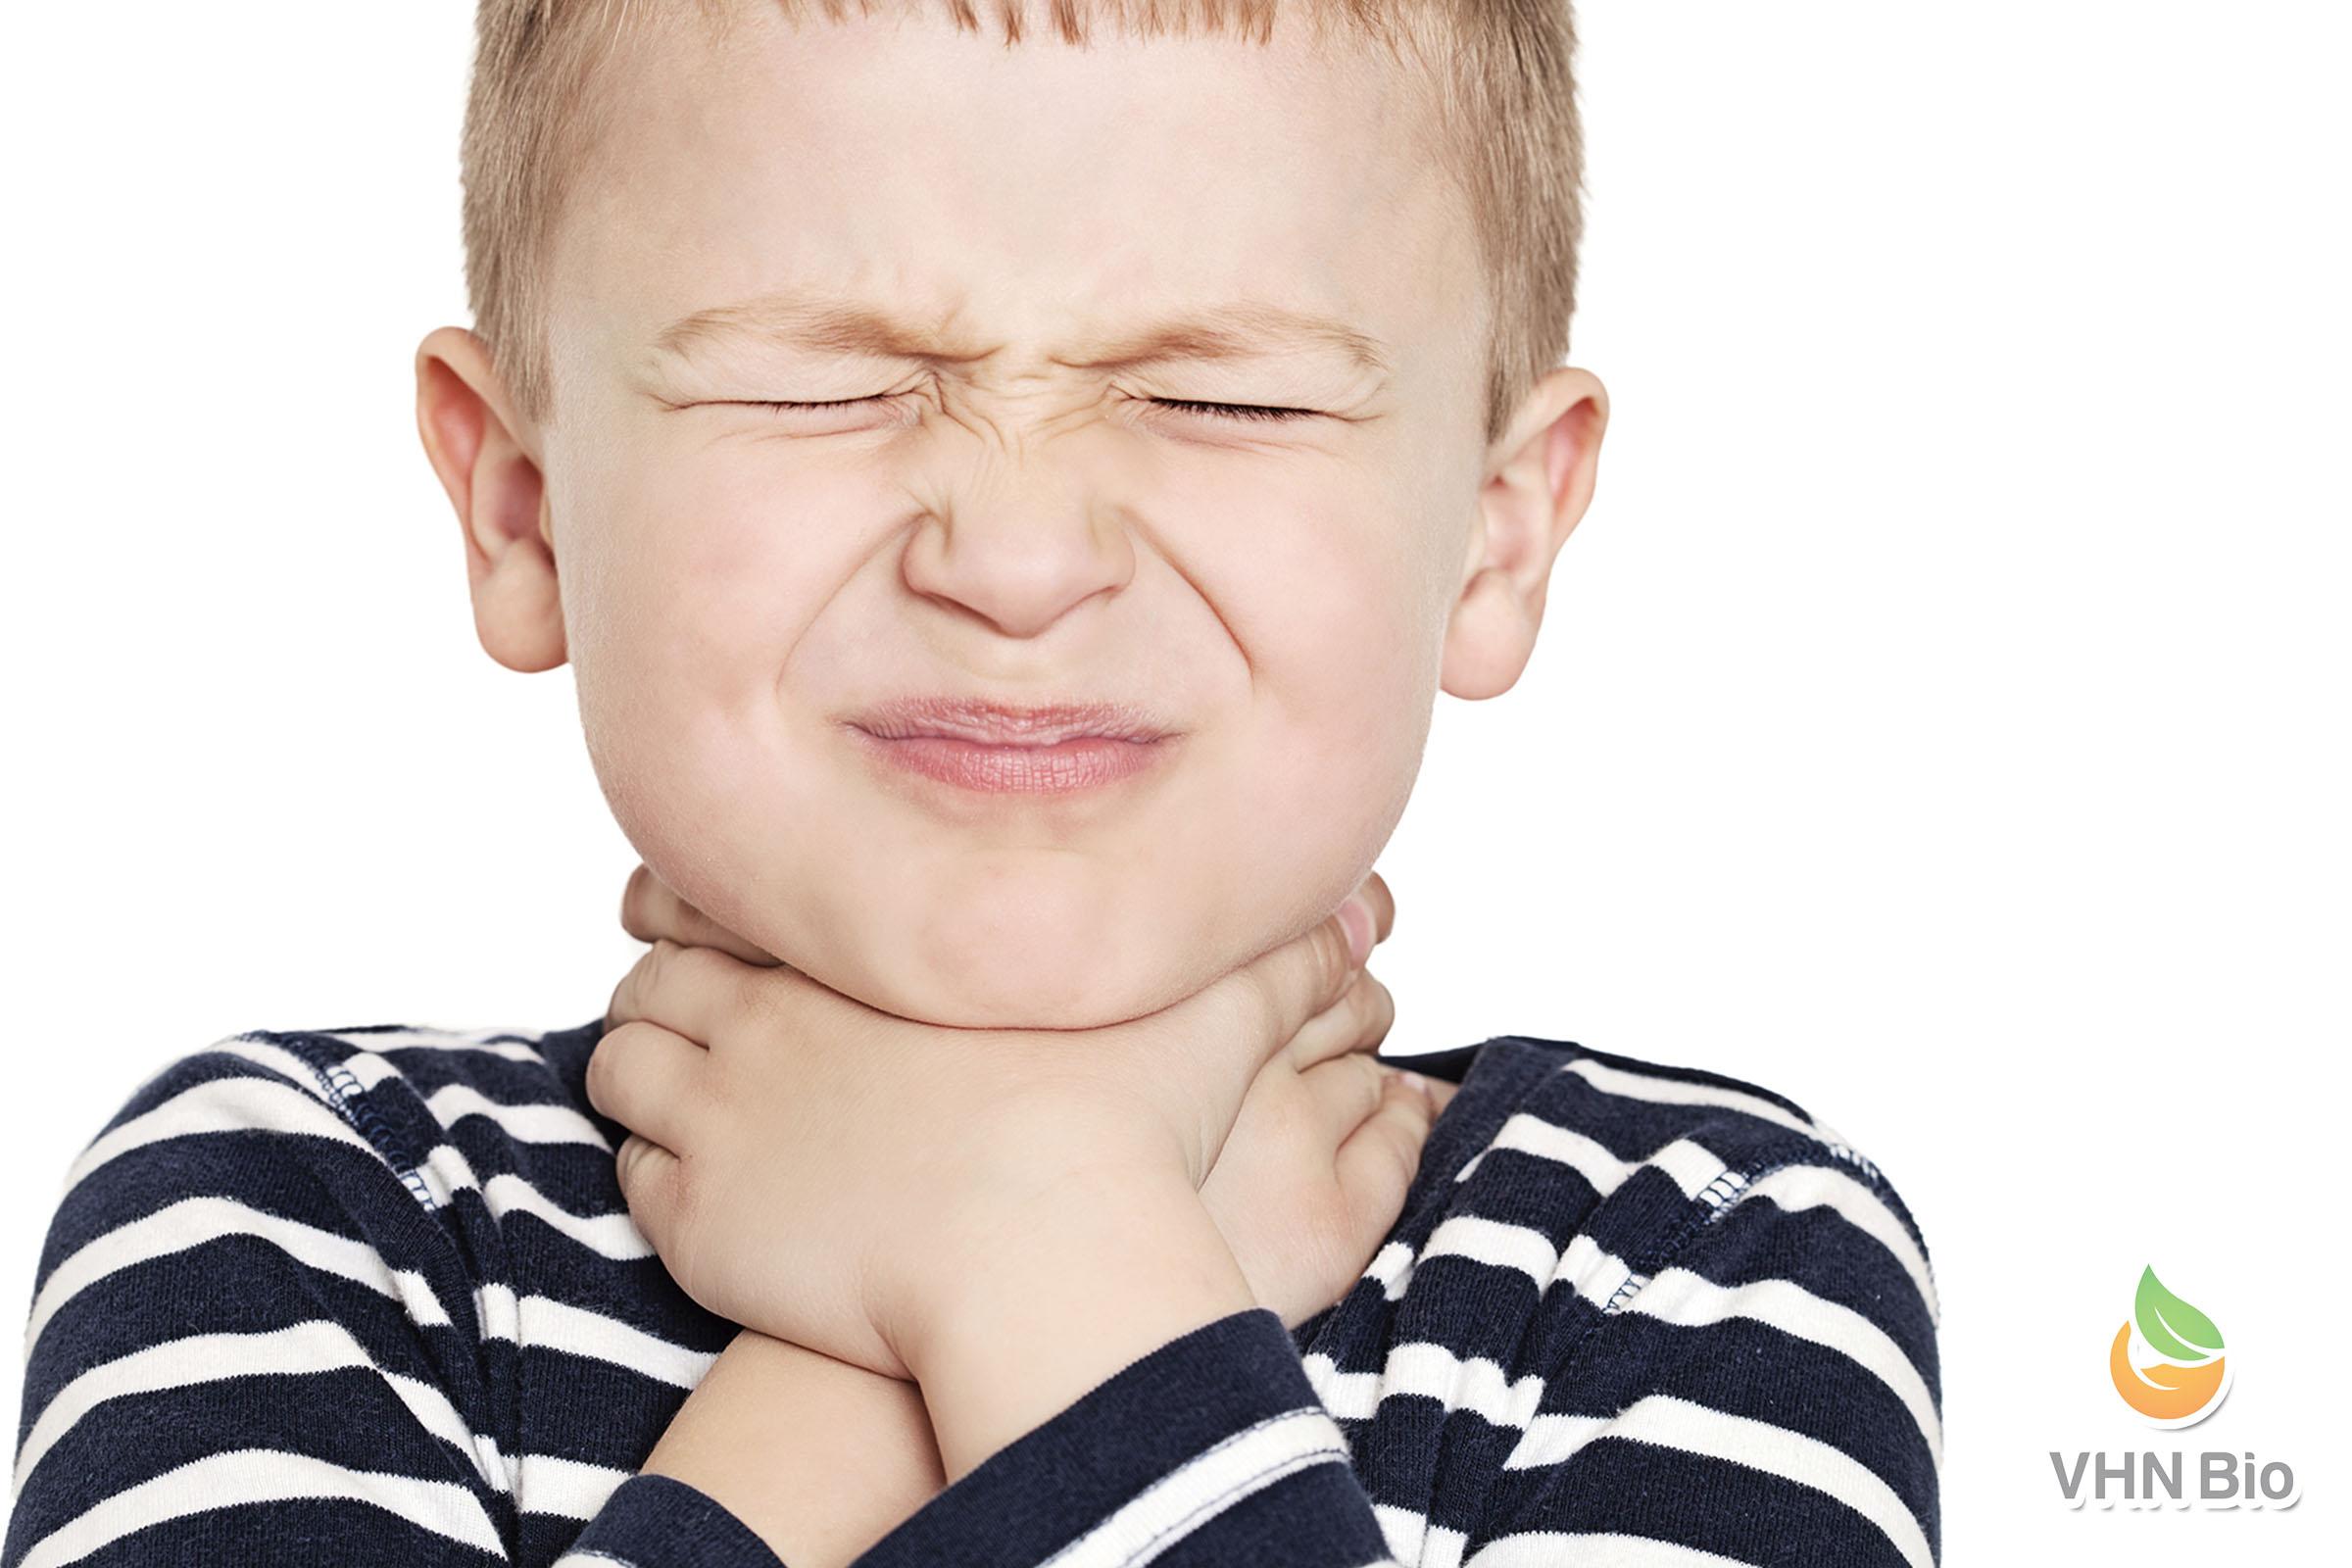 Chữa viêm họng cấp ở trẻ em, dễ hay khó?